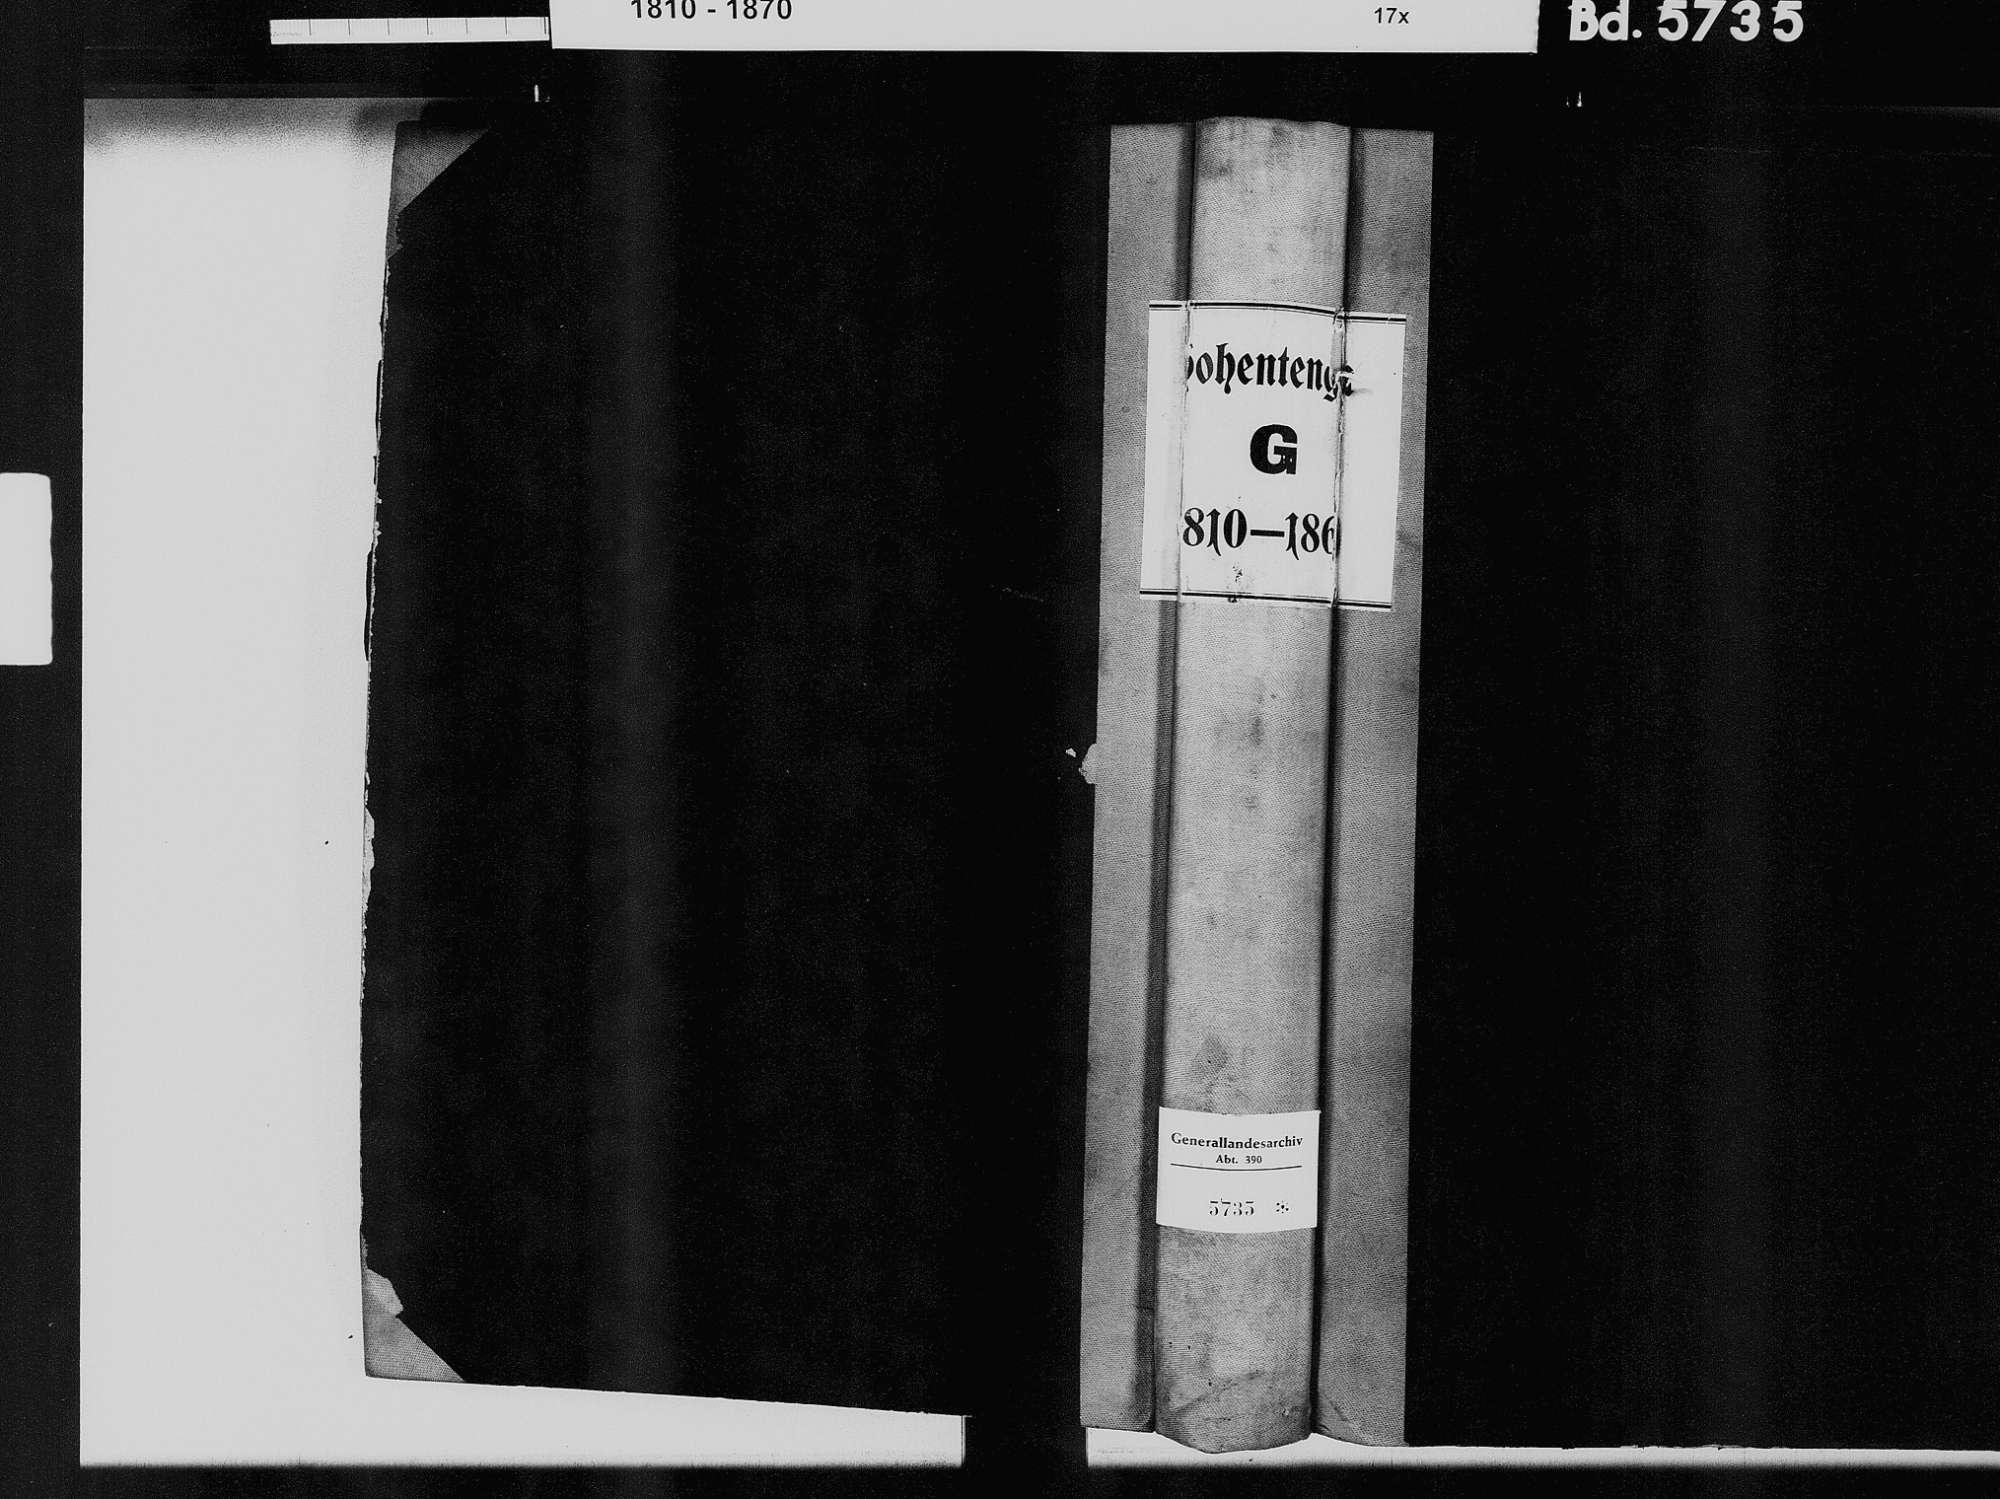 Hohentengen am Hochrhein WT; Katholische Gemeinde: Geburtenbuch 1810-1866 Hohentengen am Hochrhein WT; Katholische Gemeinde: Heiratsbuch 1823, 1829-1830, Bild 2